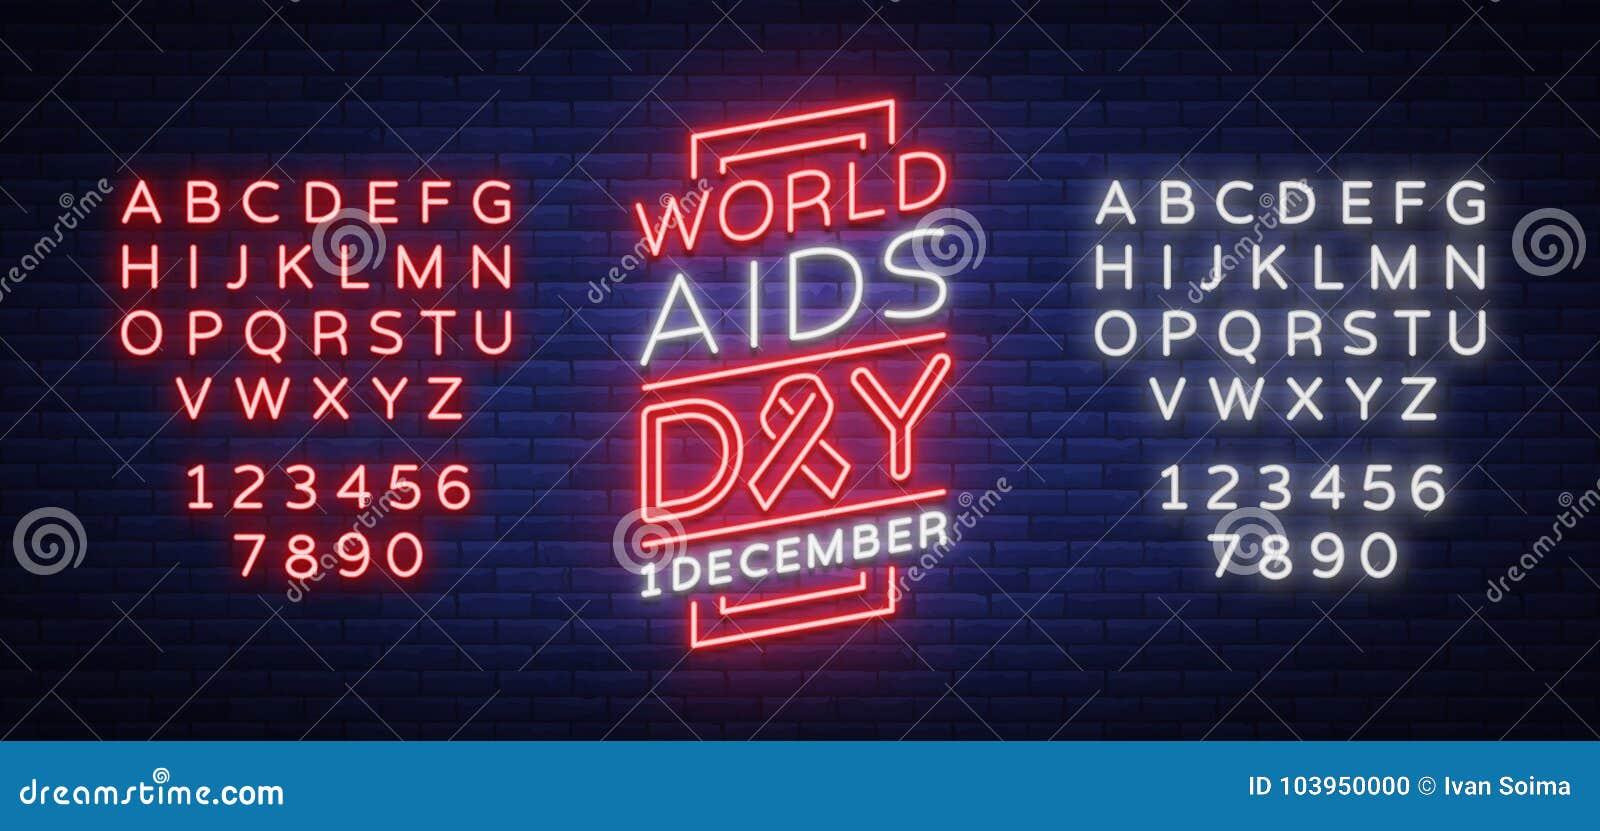 ffc4dee6746a6 Día Mundial Del Sida